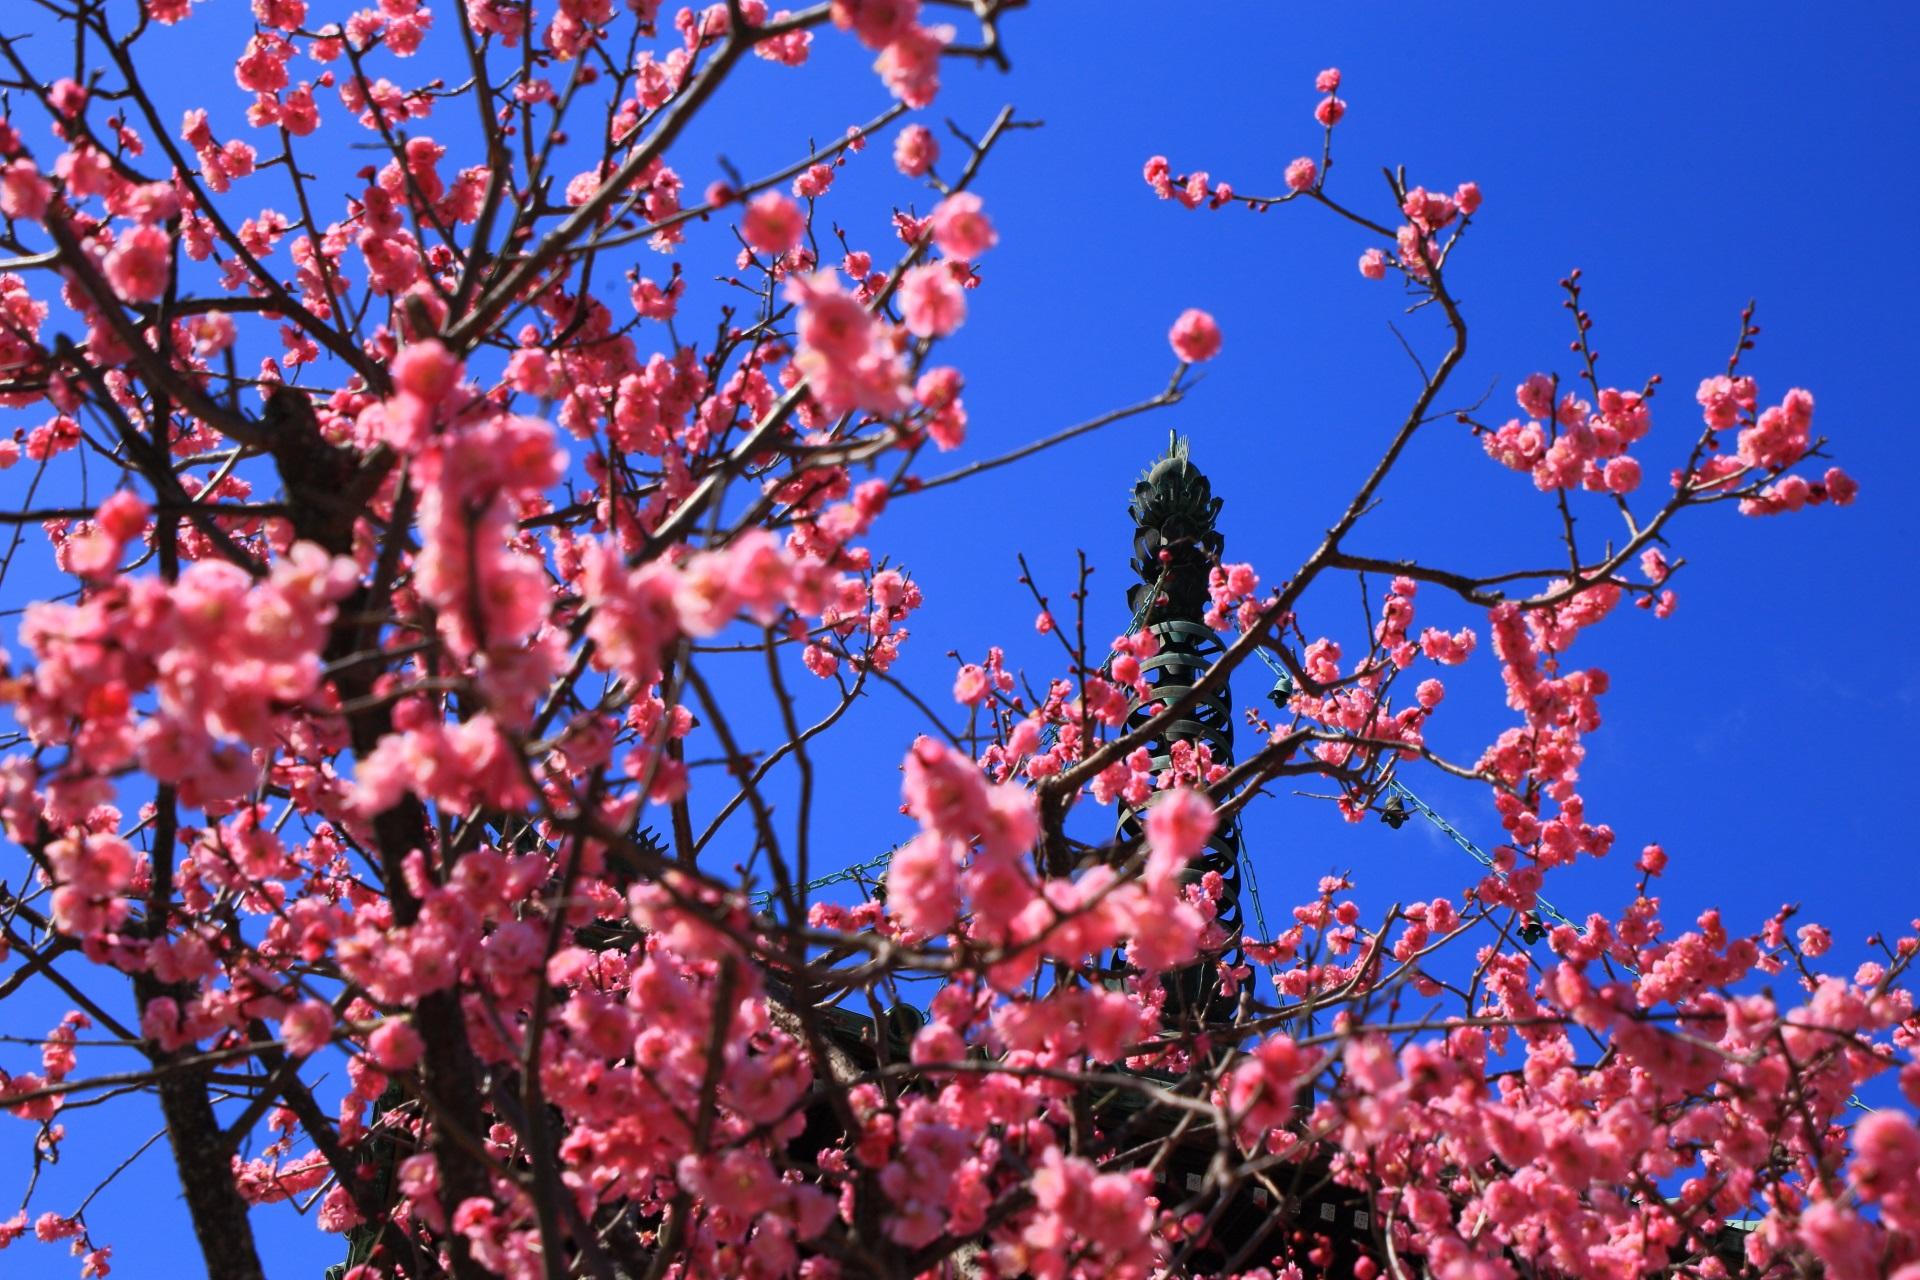 思いがけない方向にカクカクと伸びていく芸術的な梅の枝